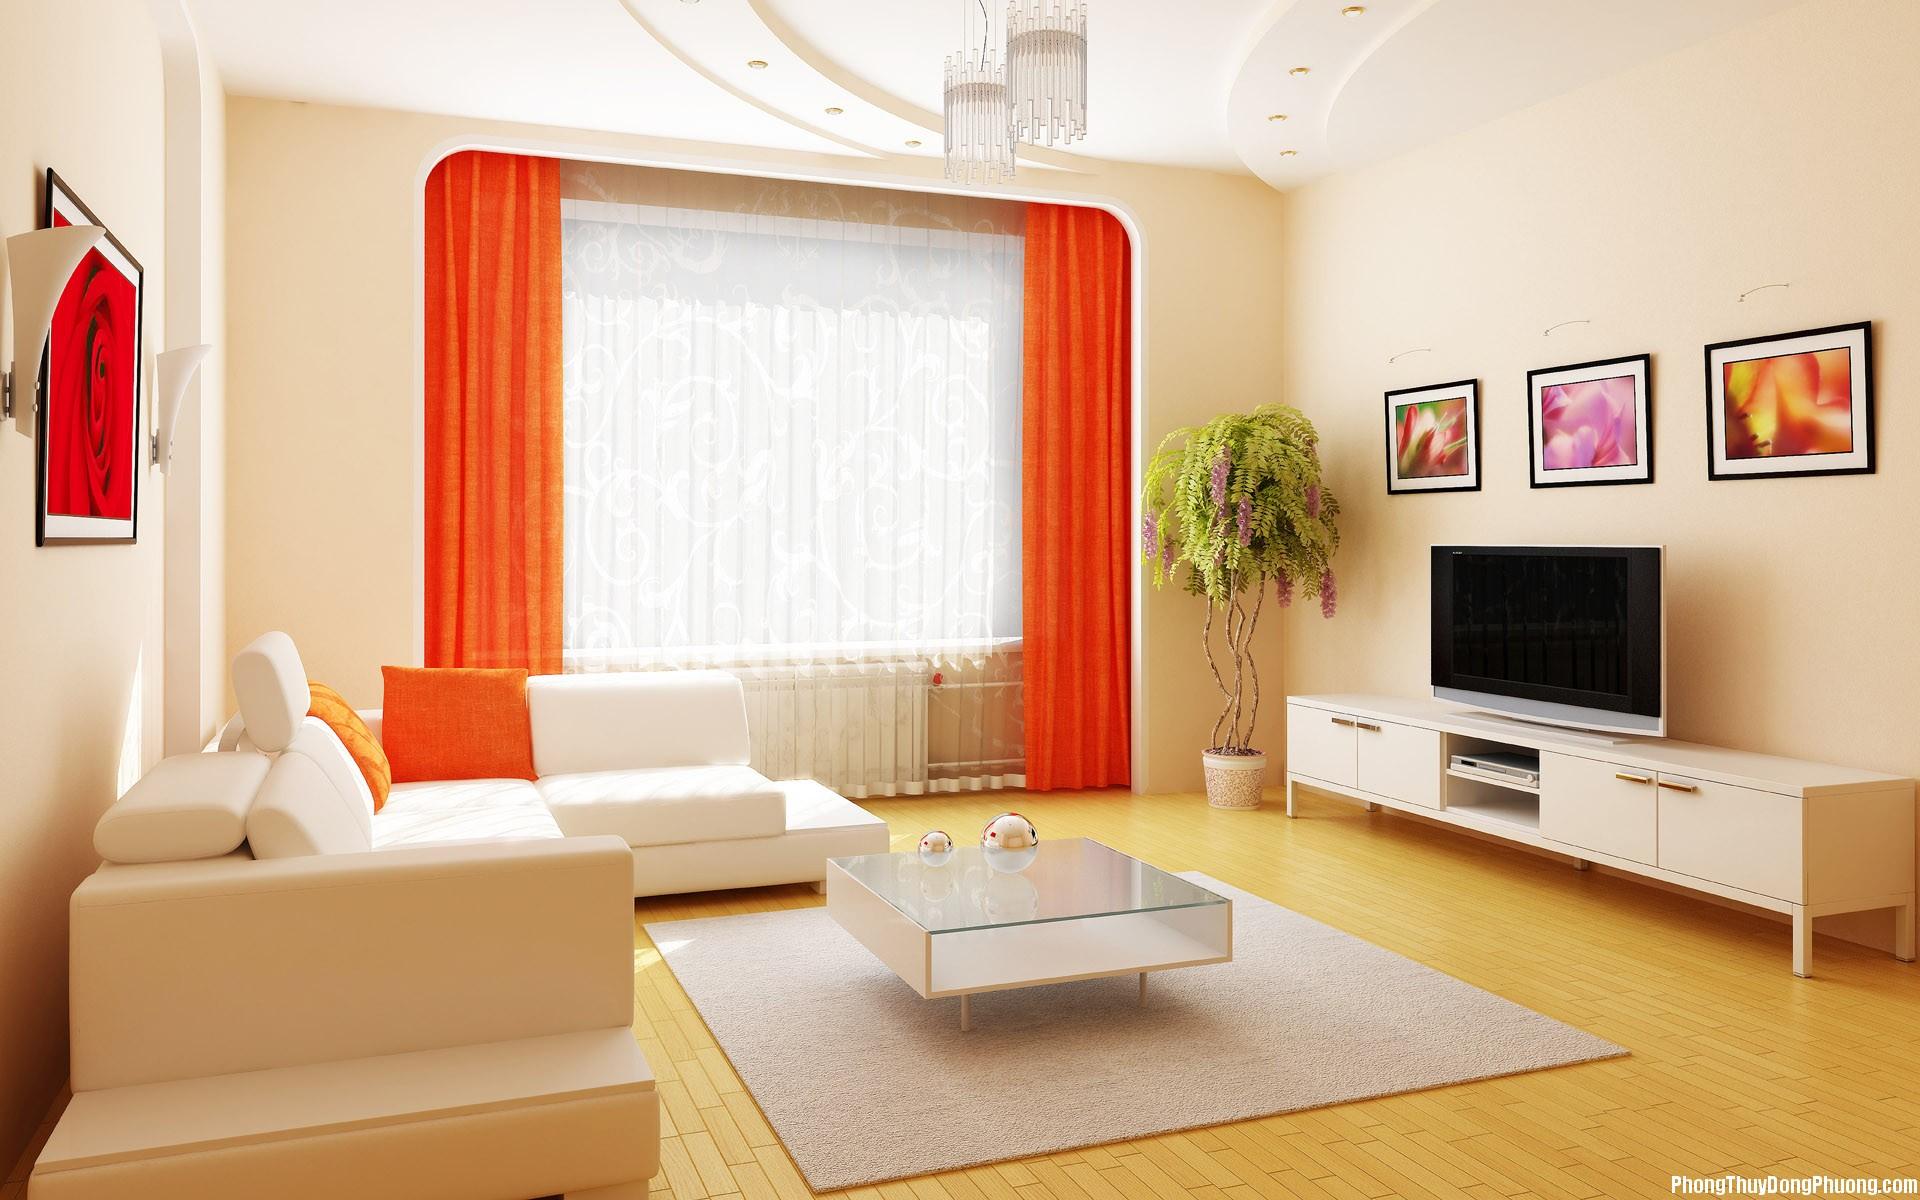 linh hut tai loc vao nha nho chon lua va bay tri sofa ban tra theo phong thuy 43a0ef23aa 8 nguyên tắc trong lựa chọn và cách bài trí bàn ghế phòng khách để hút tài lộc vào nhà